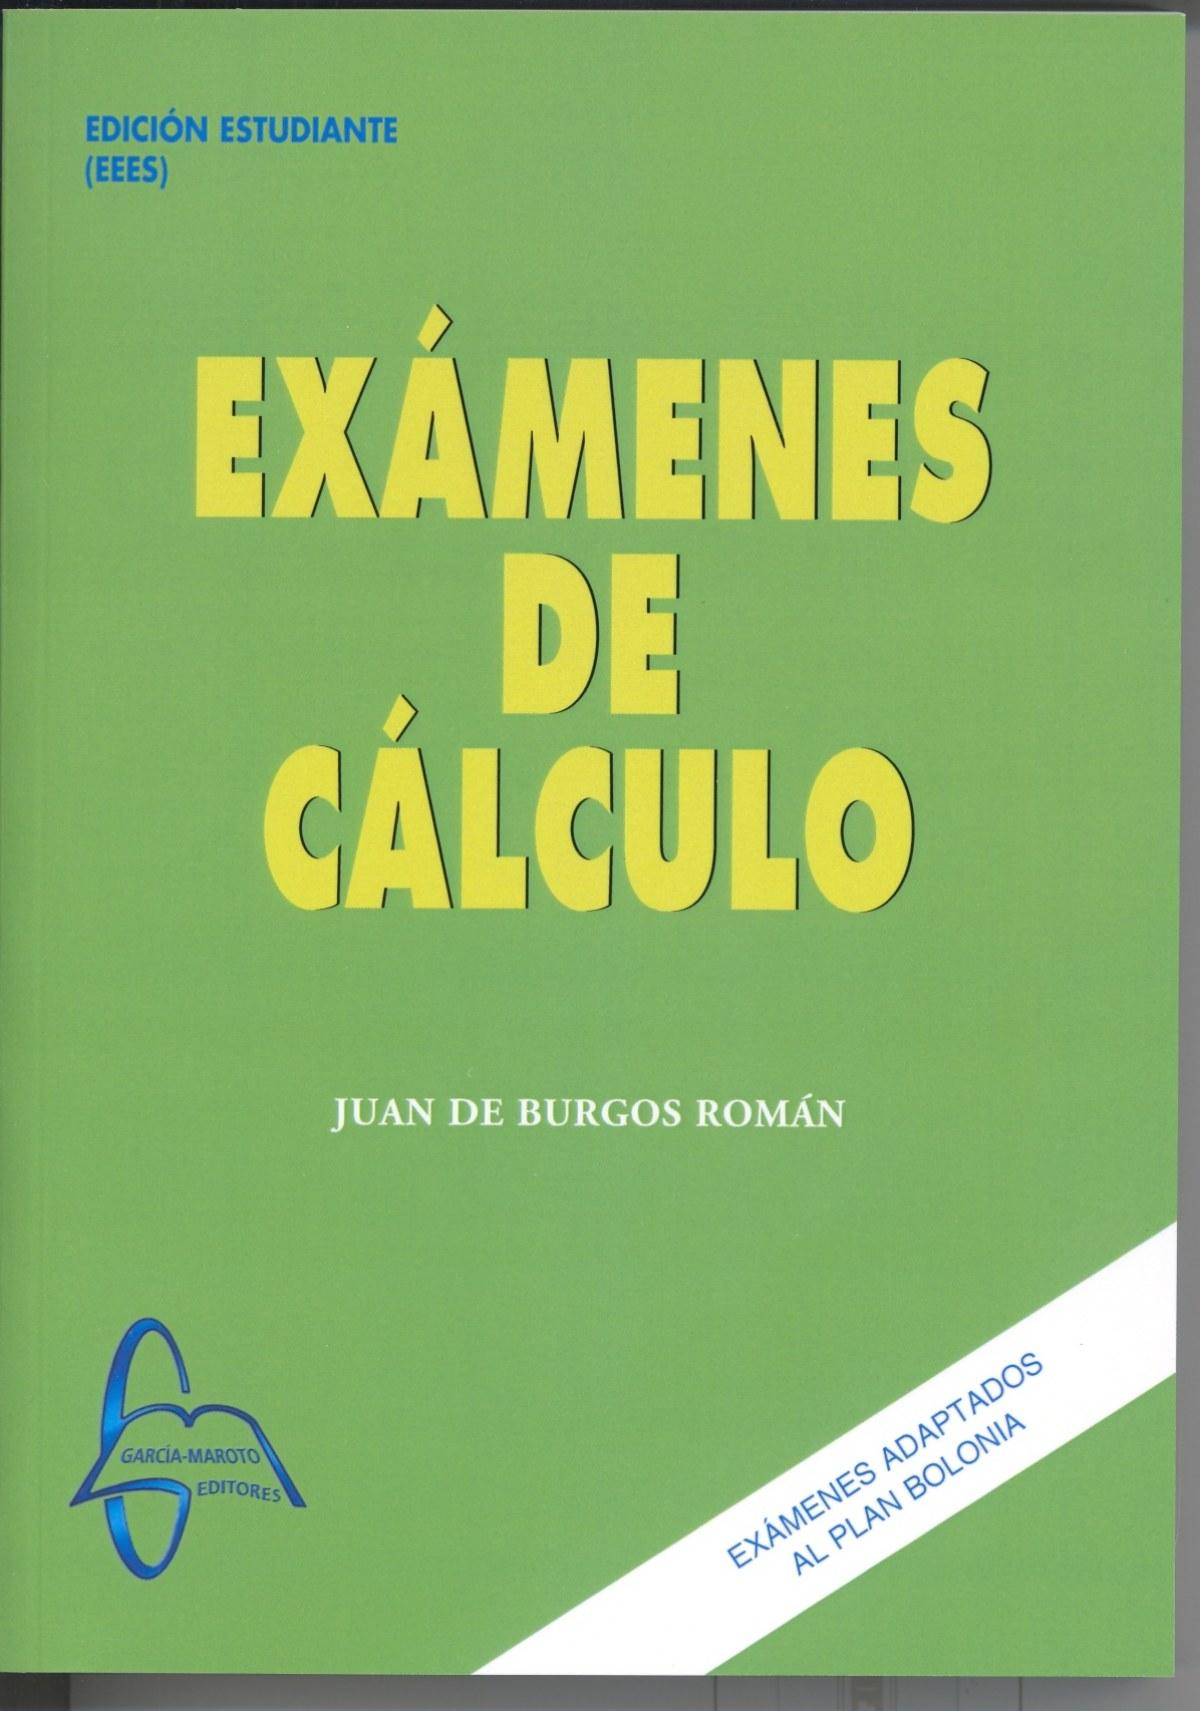 EXÁMENES DE CÁLCULO